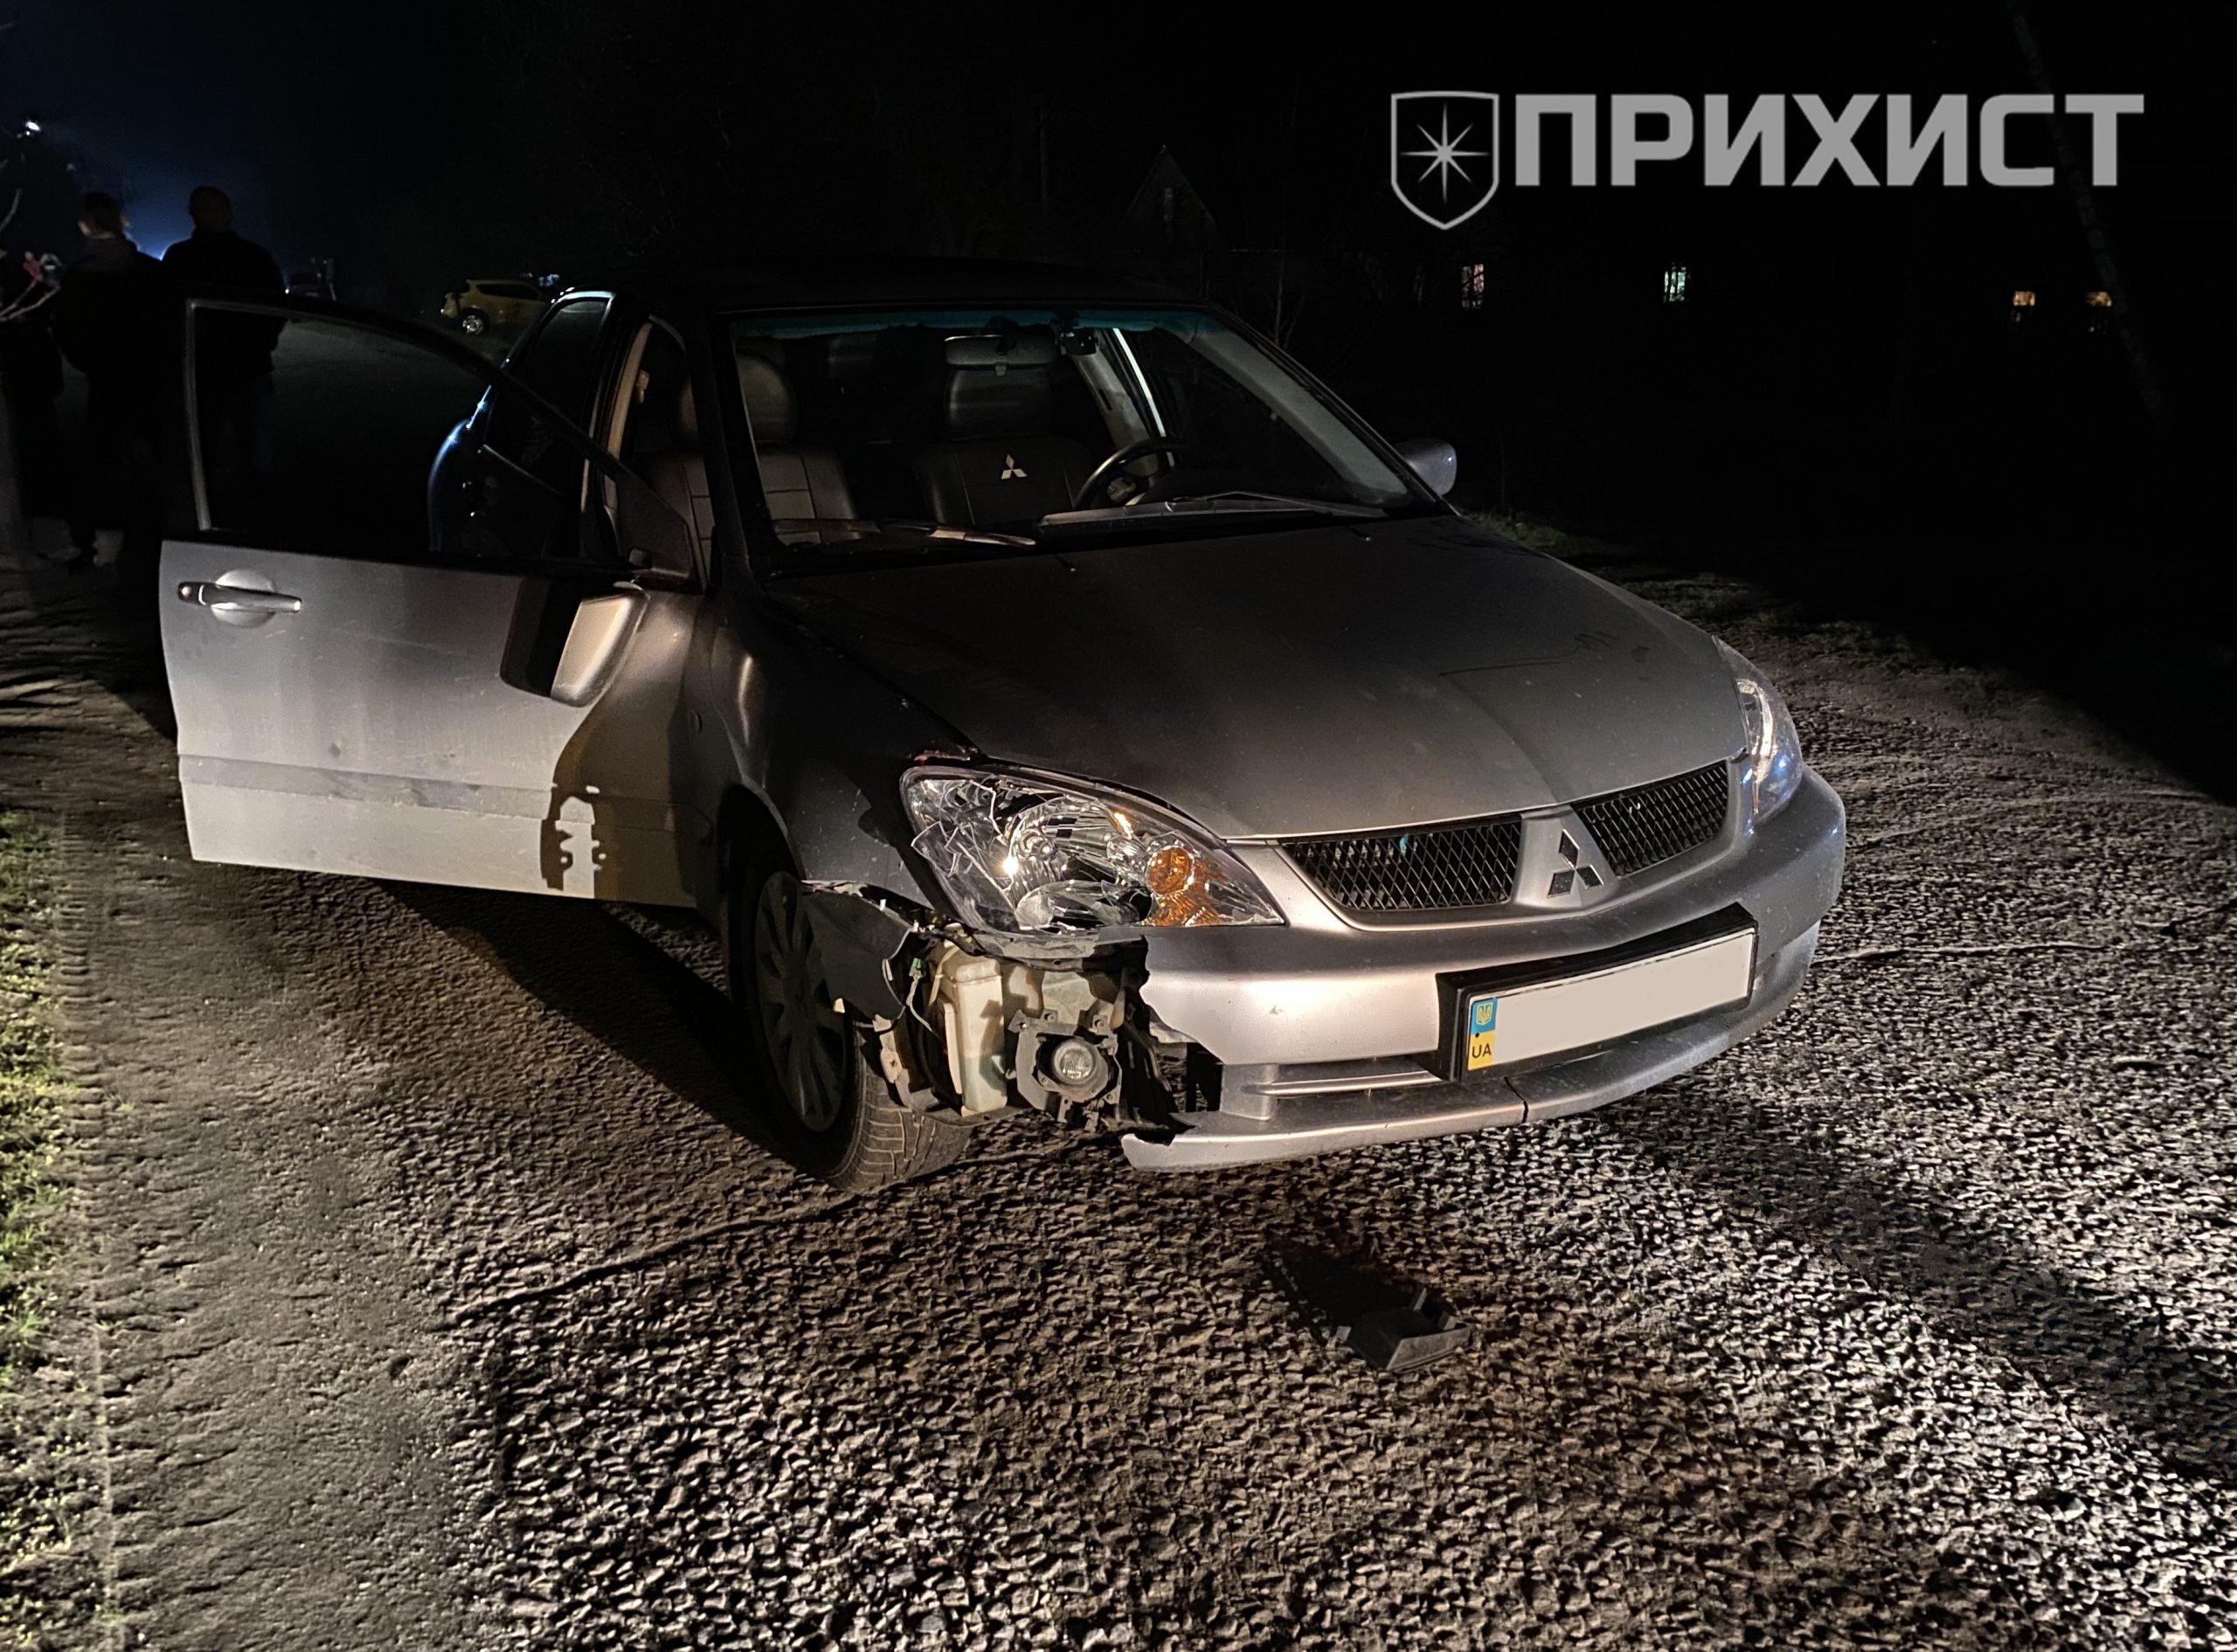 В Алексеевке Mitsubishi сбил подростка | Прихист